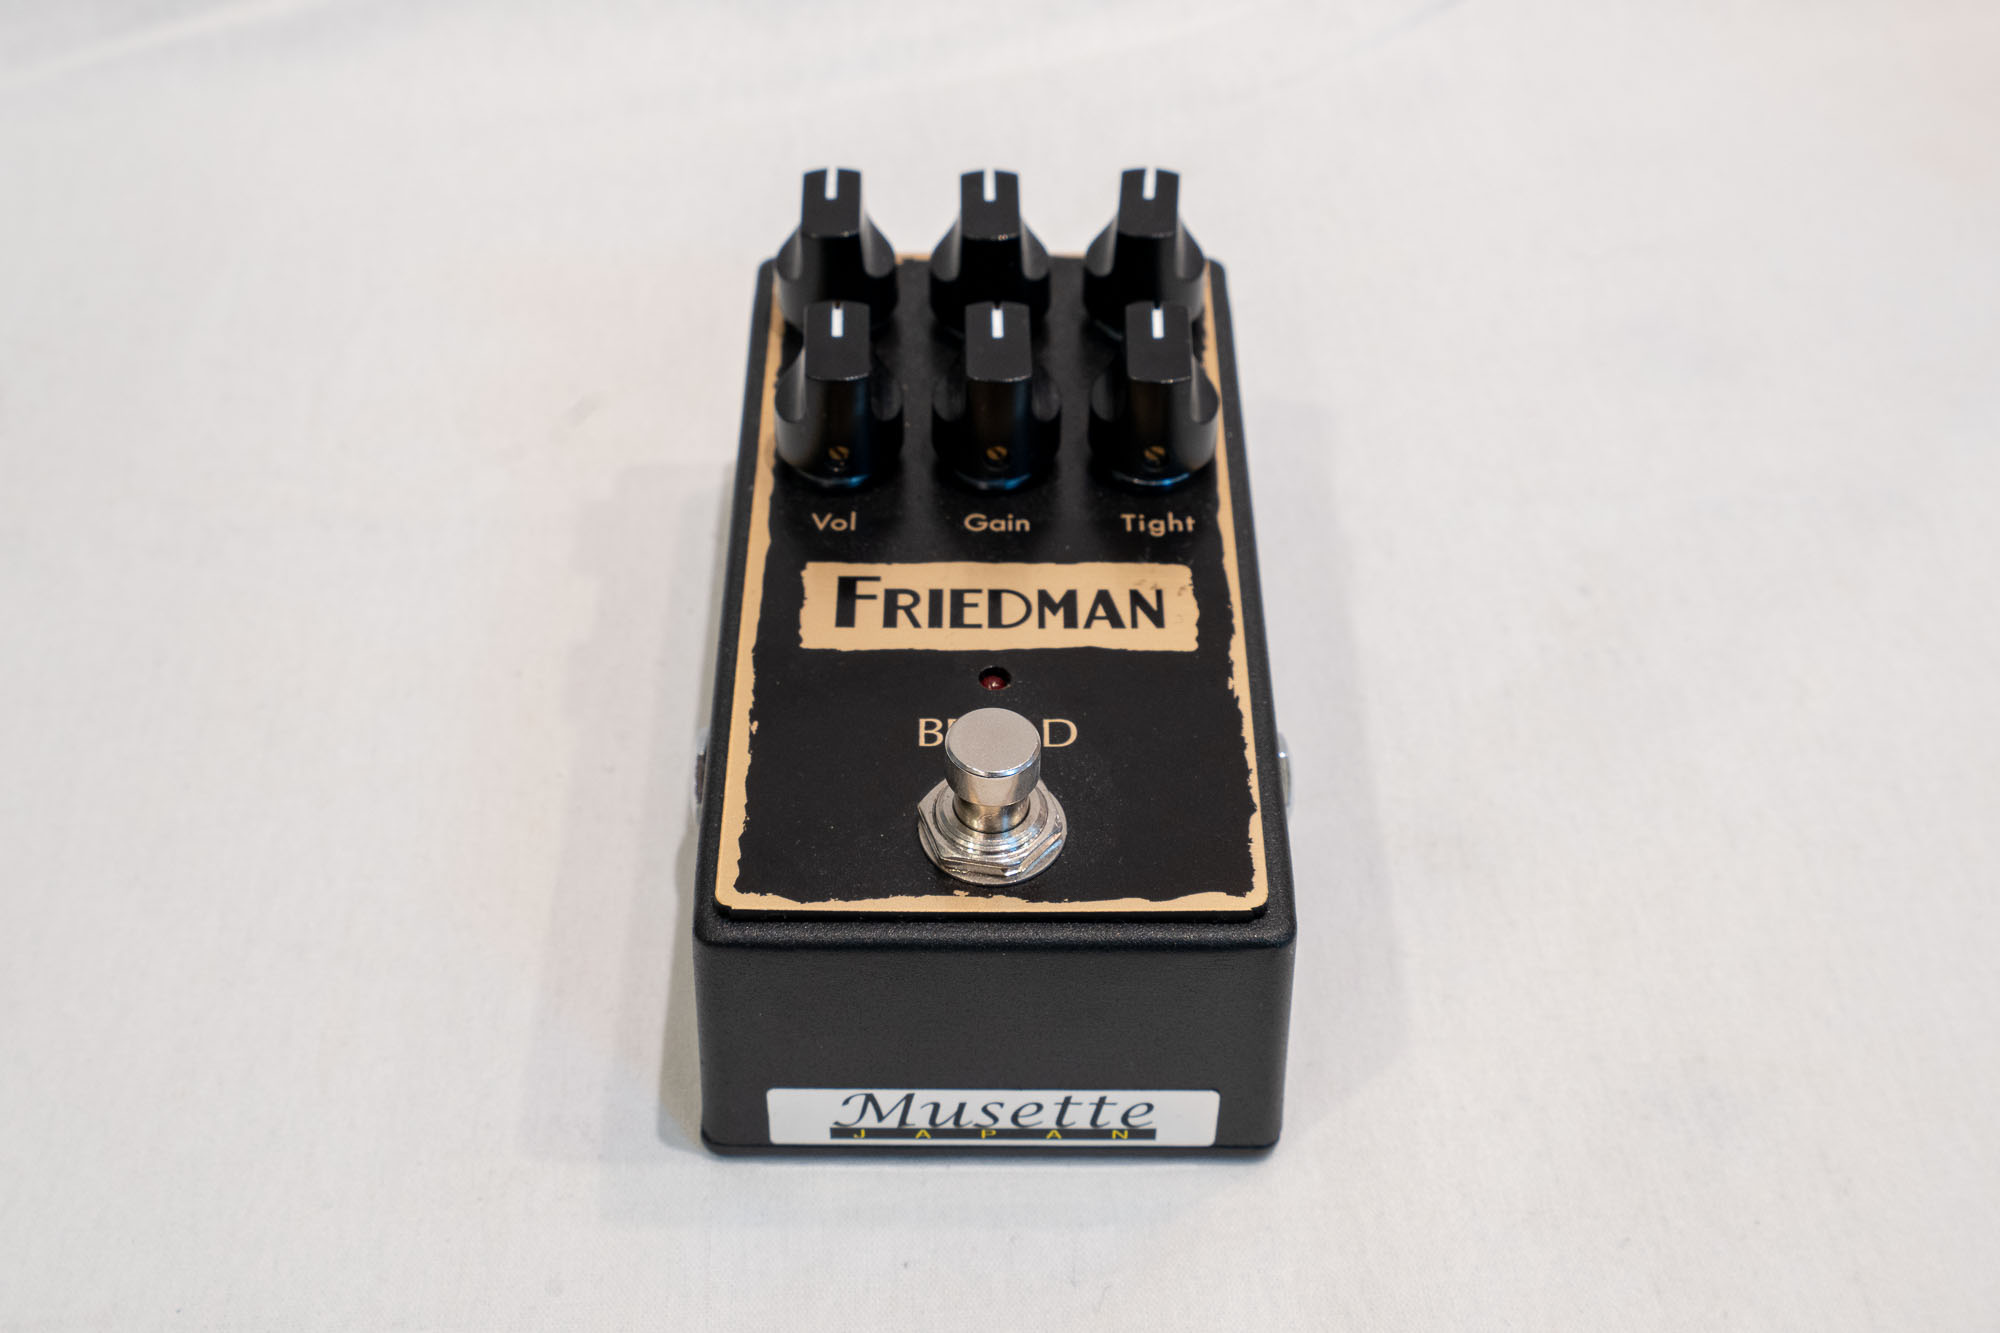 friedman-be-od